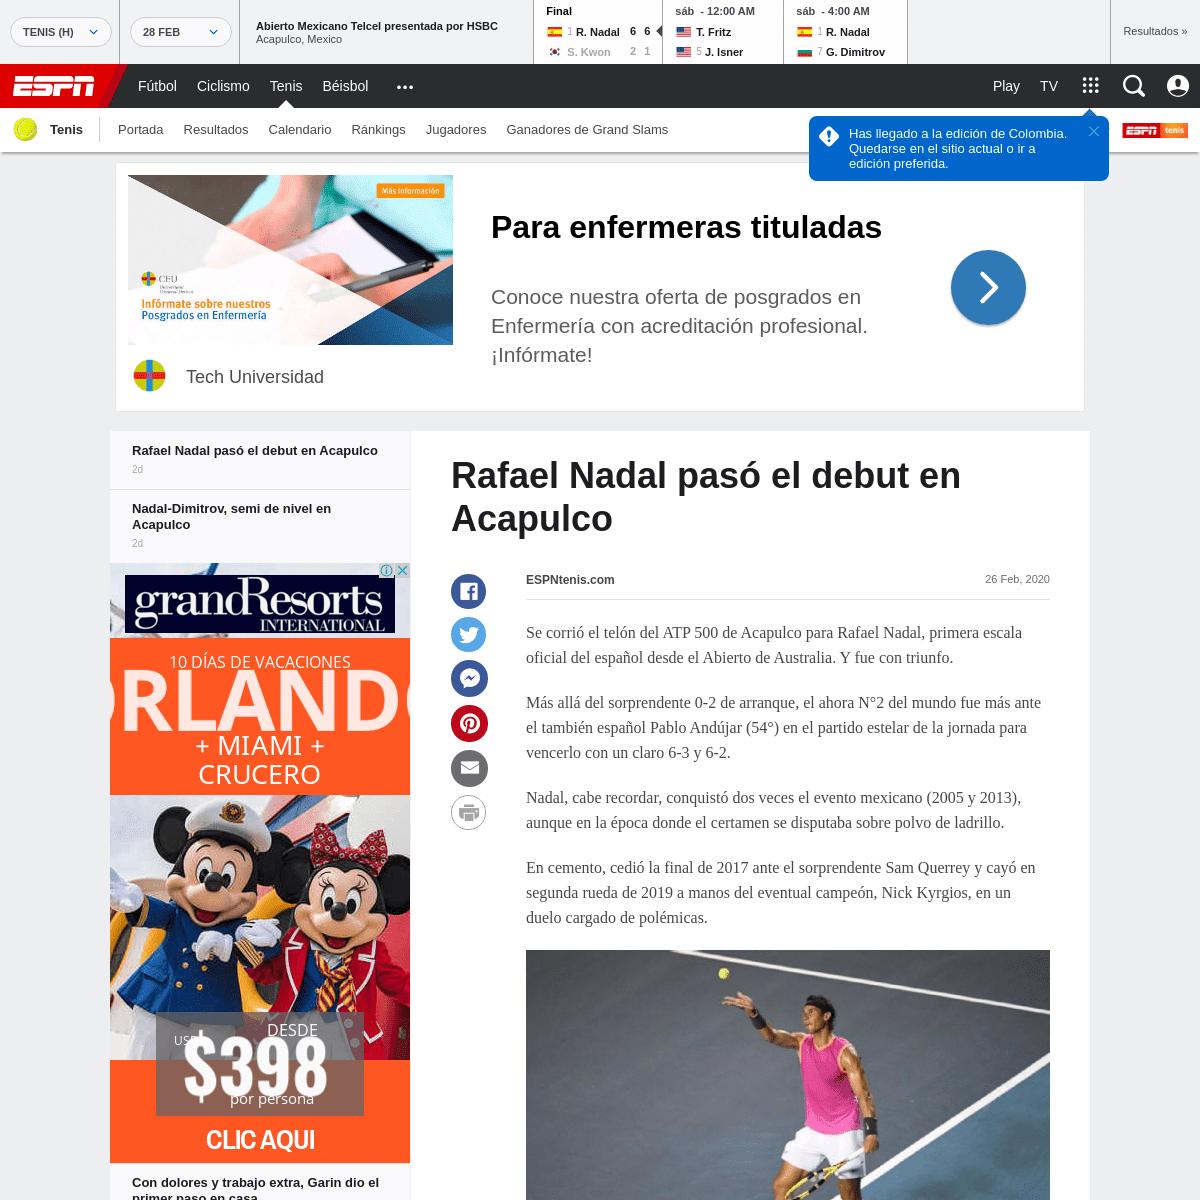 Rafael Nadal pasó el debut en Acapulco